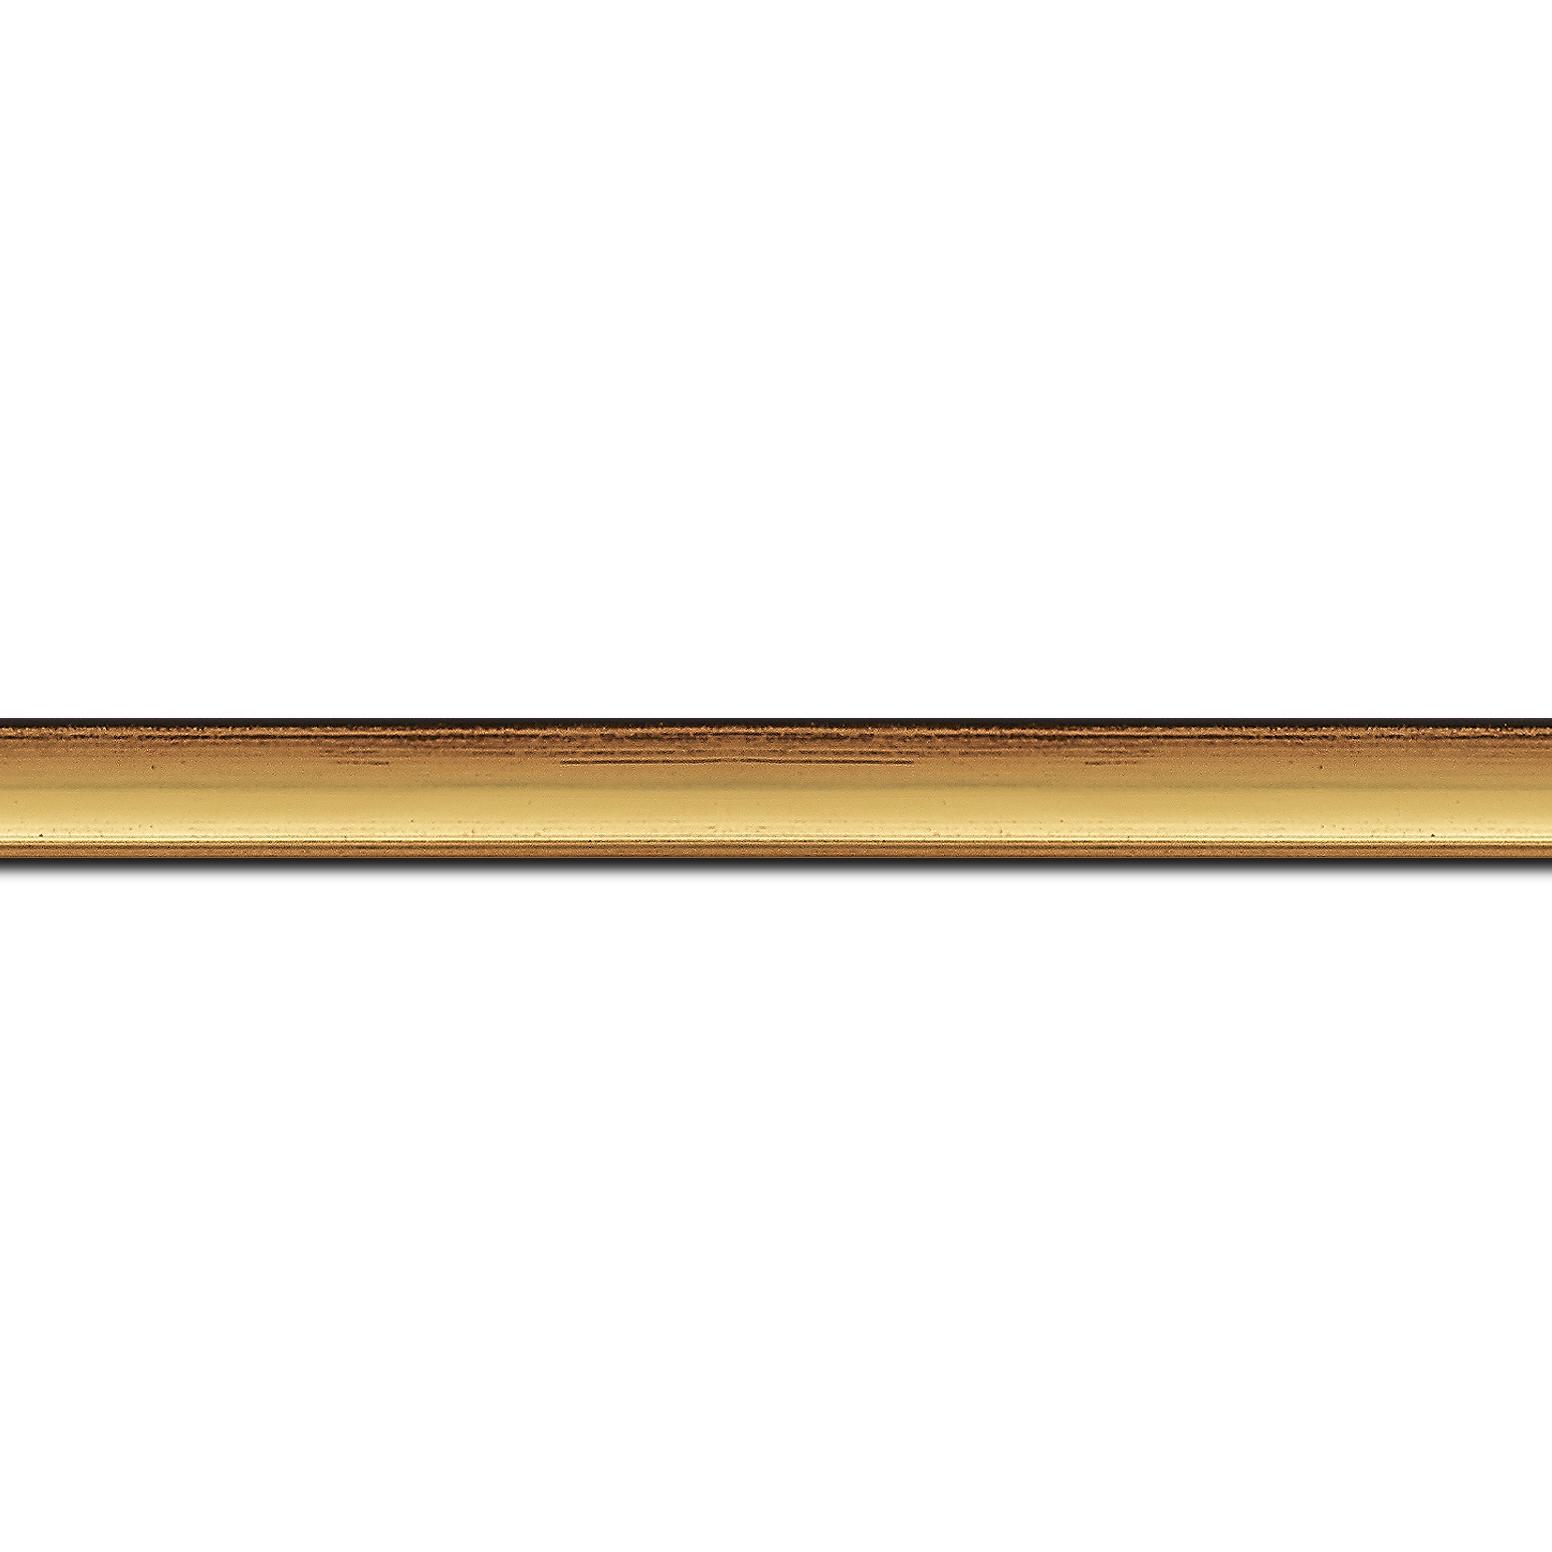 Pack par 12m, bois profil concave largeur 1.4cm couleur or coté extérieur foncé. finition haut de gamme car dorure à l'eau fait main (longueur baguette pouvant varier entre 2.40m et 3m selon arrivage des bois)